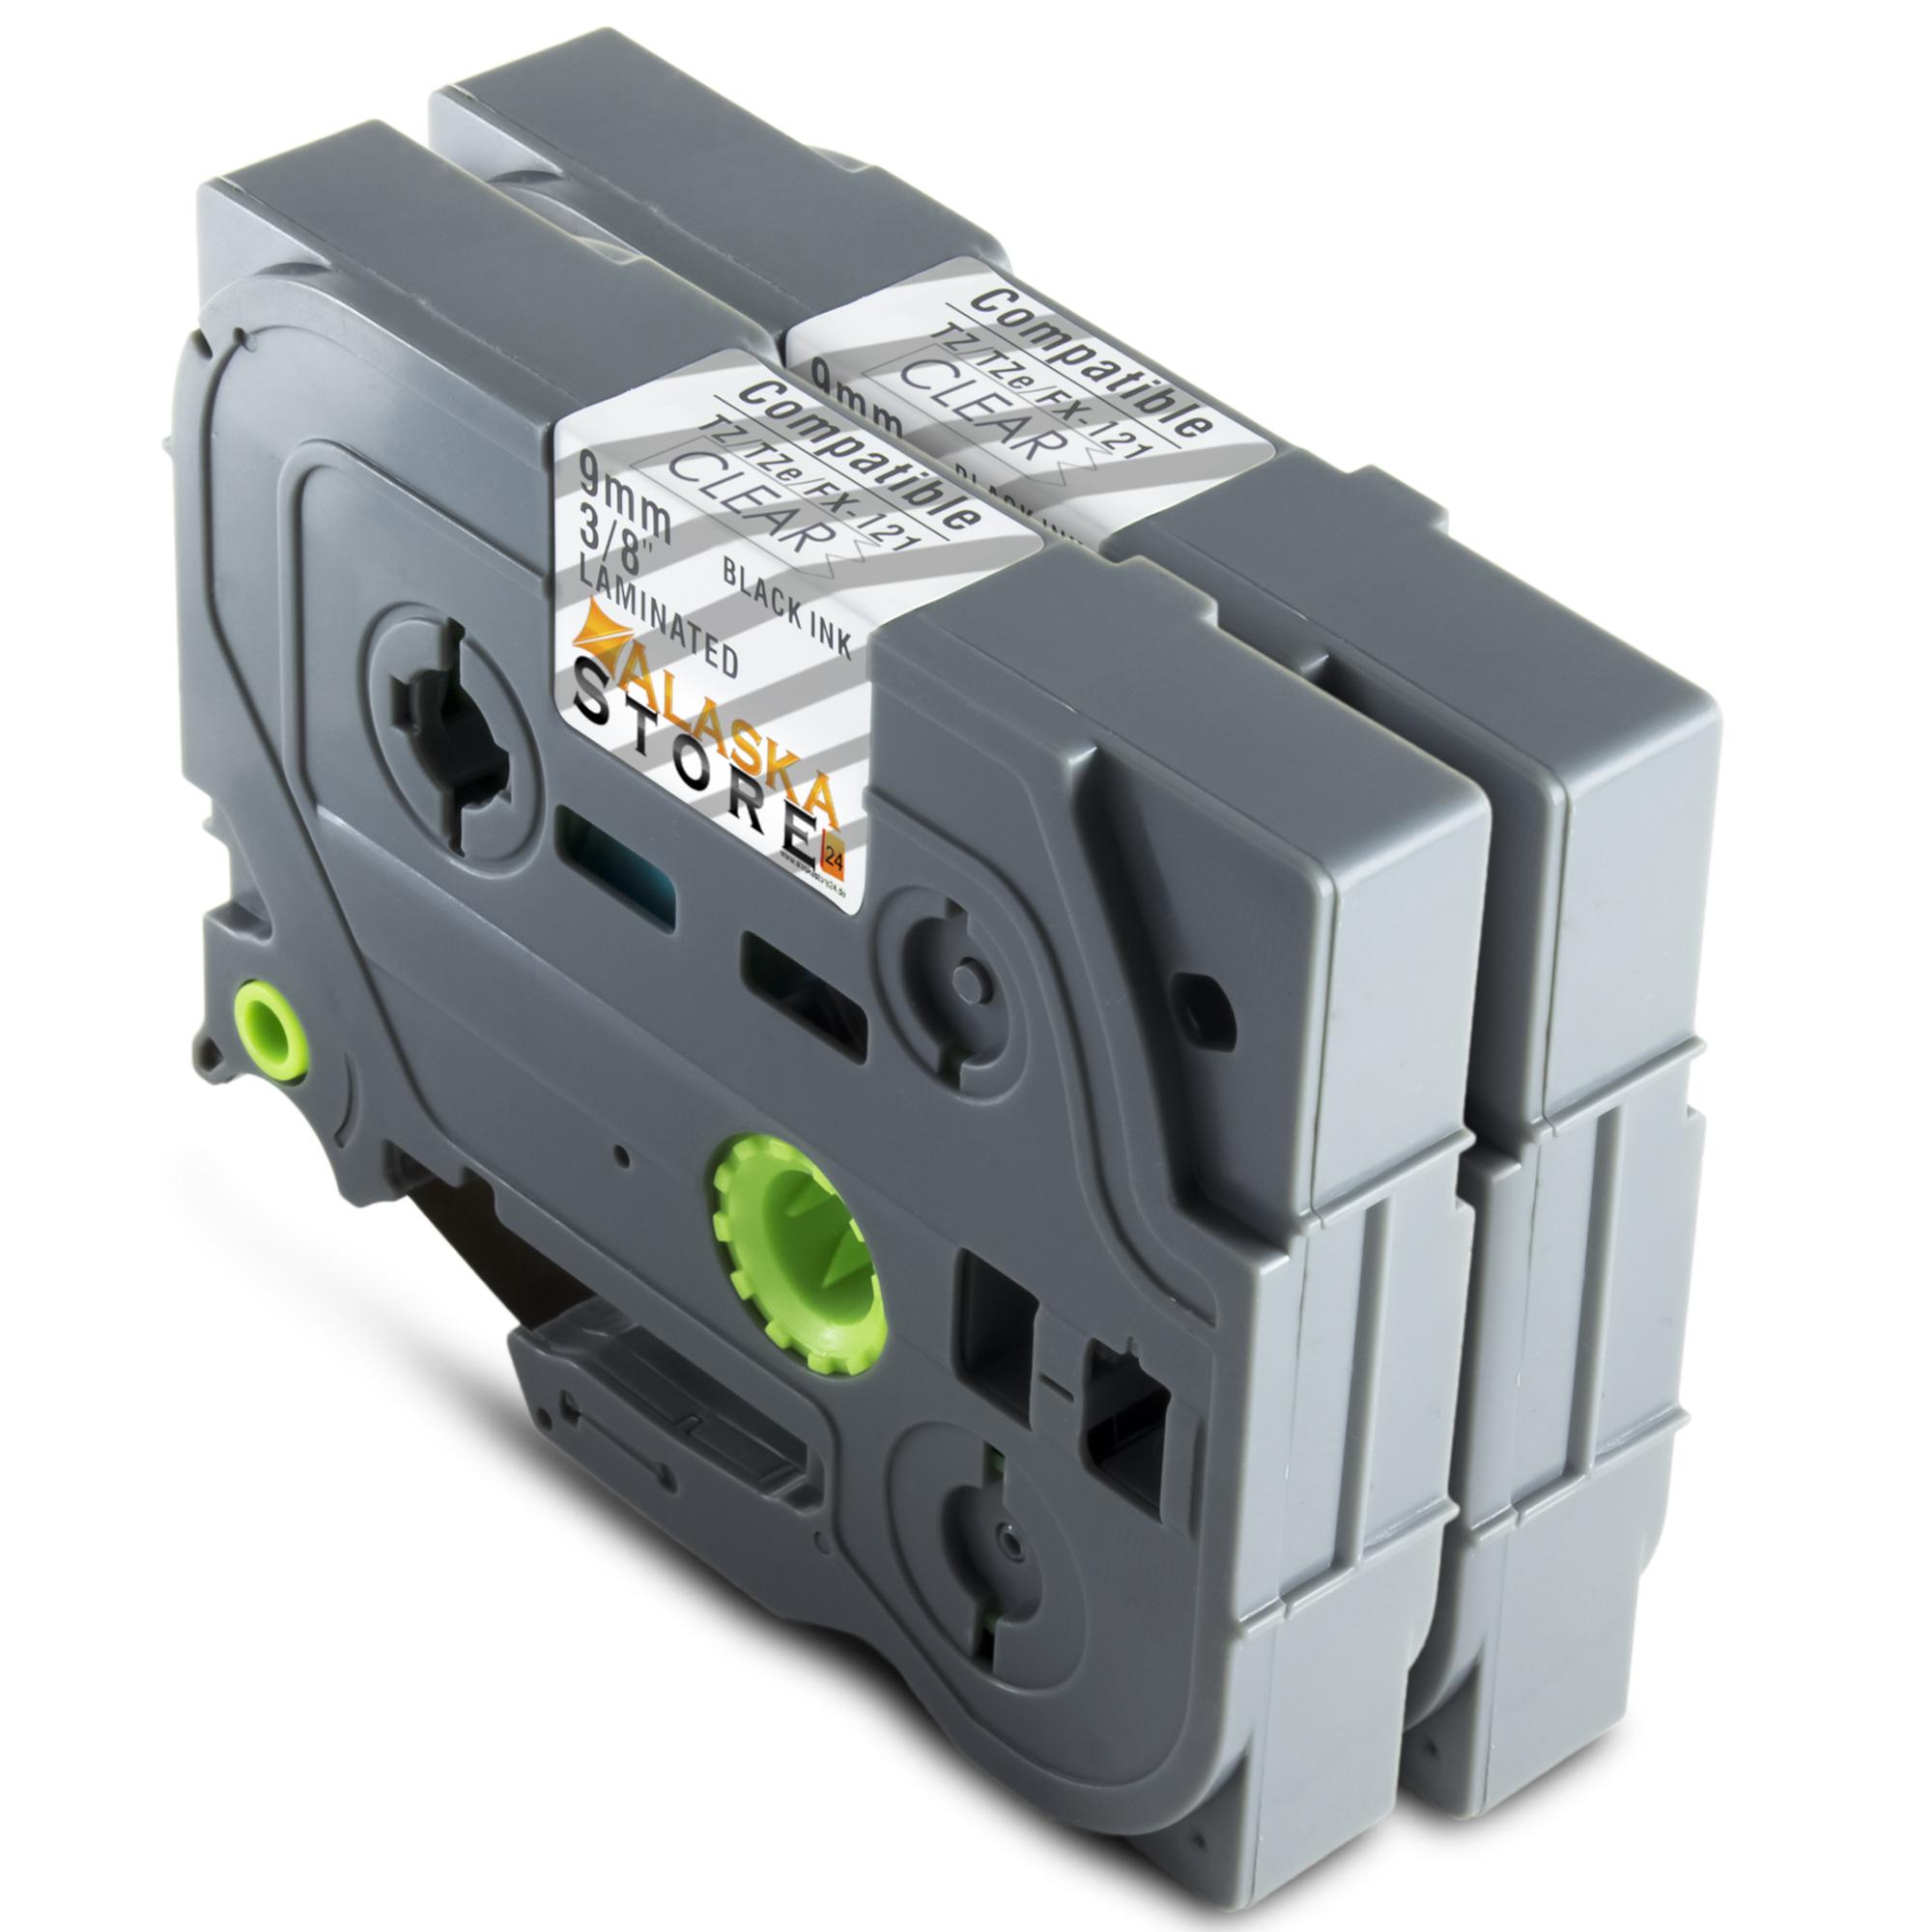 2-Schriftbaender-for-Brother-TZ-121-Super-P-Touch-2030VP-210E-2100VP-2400-2400E